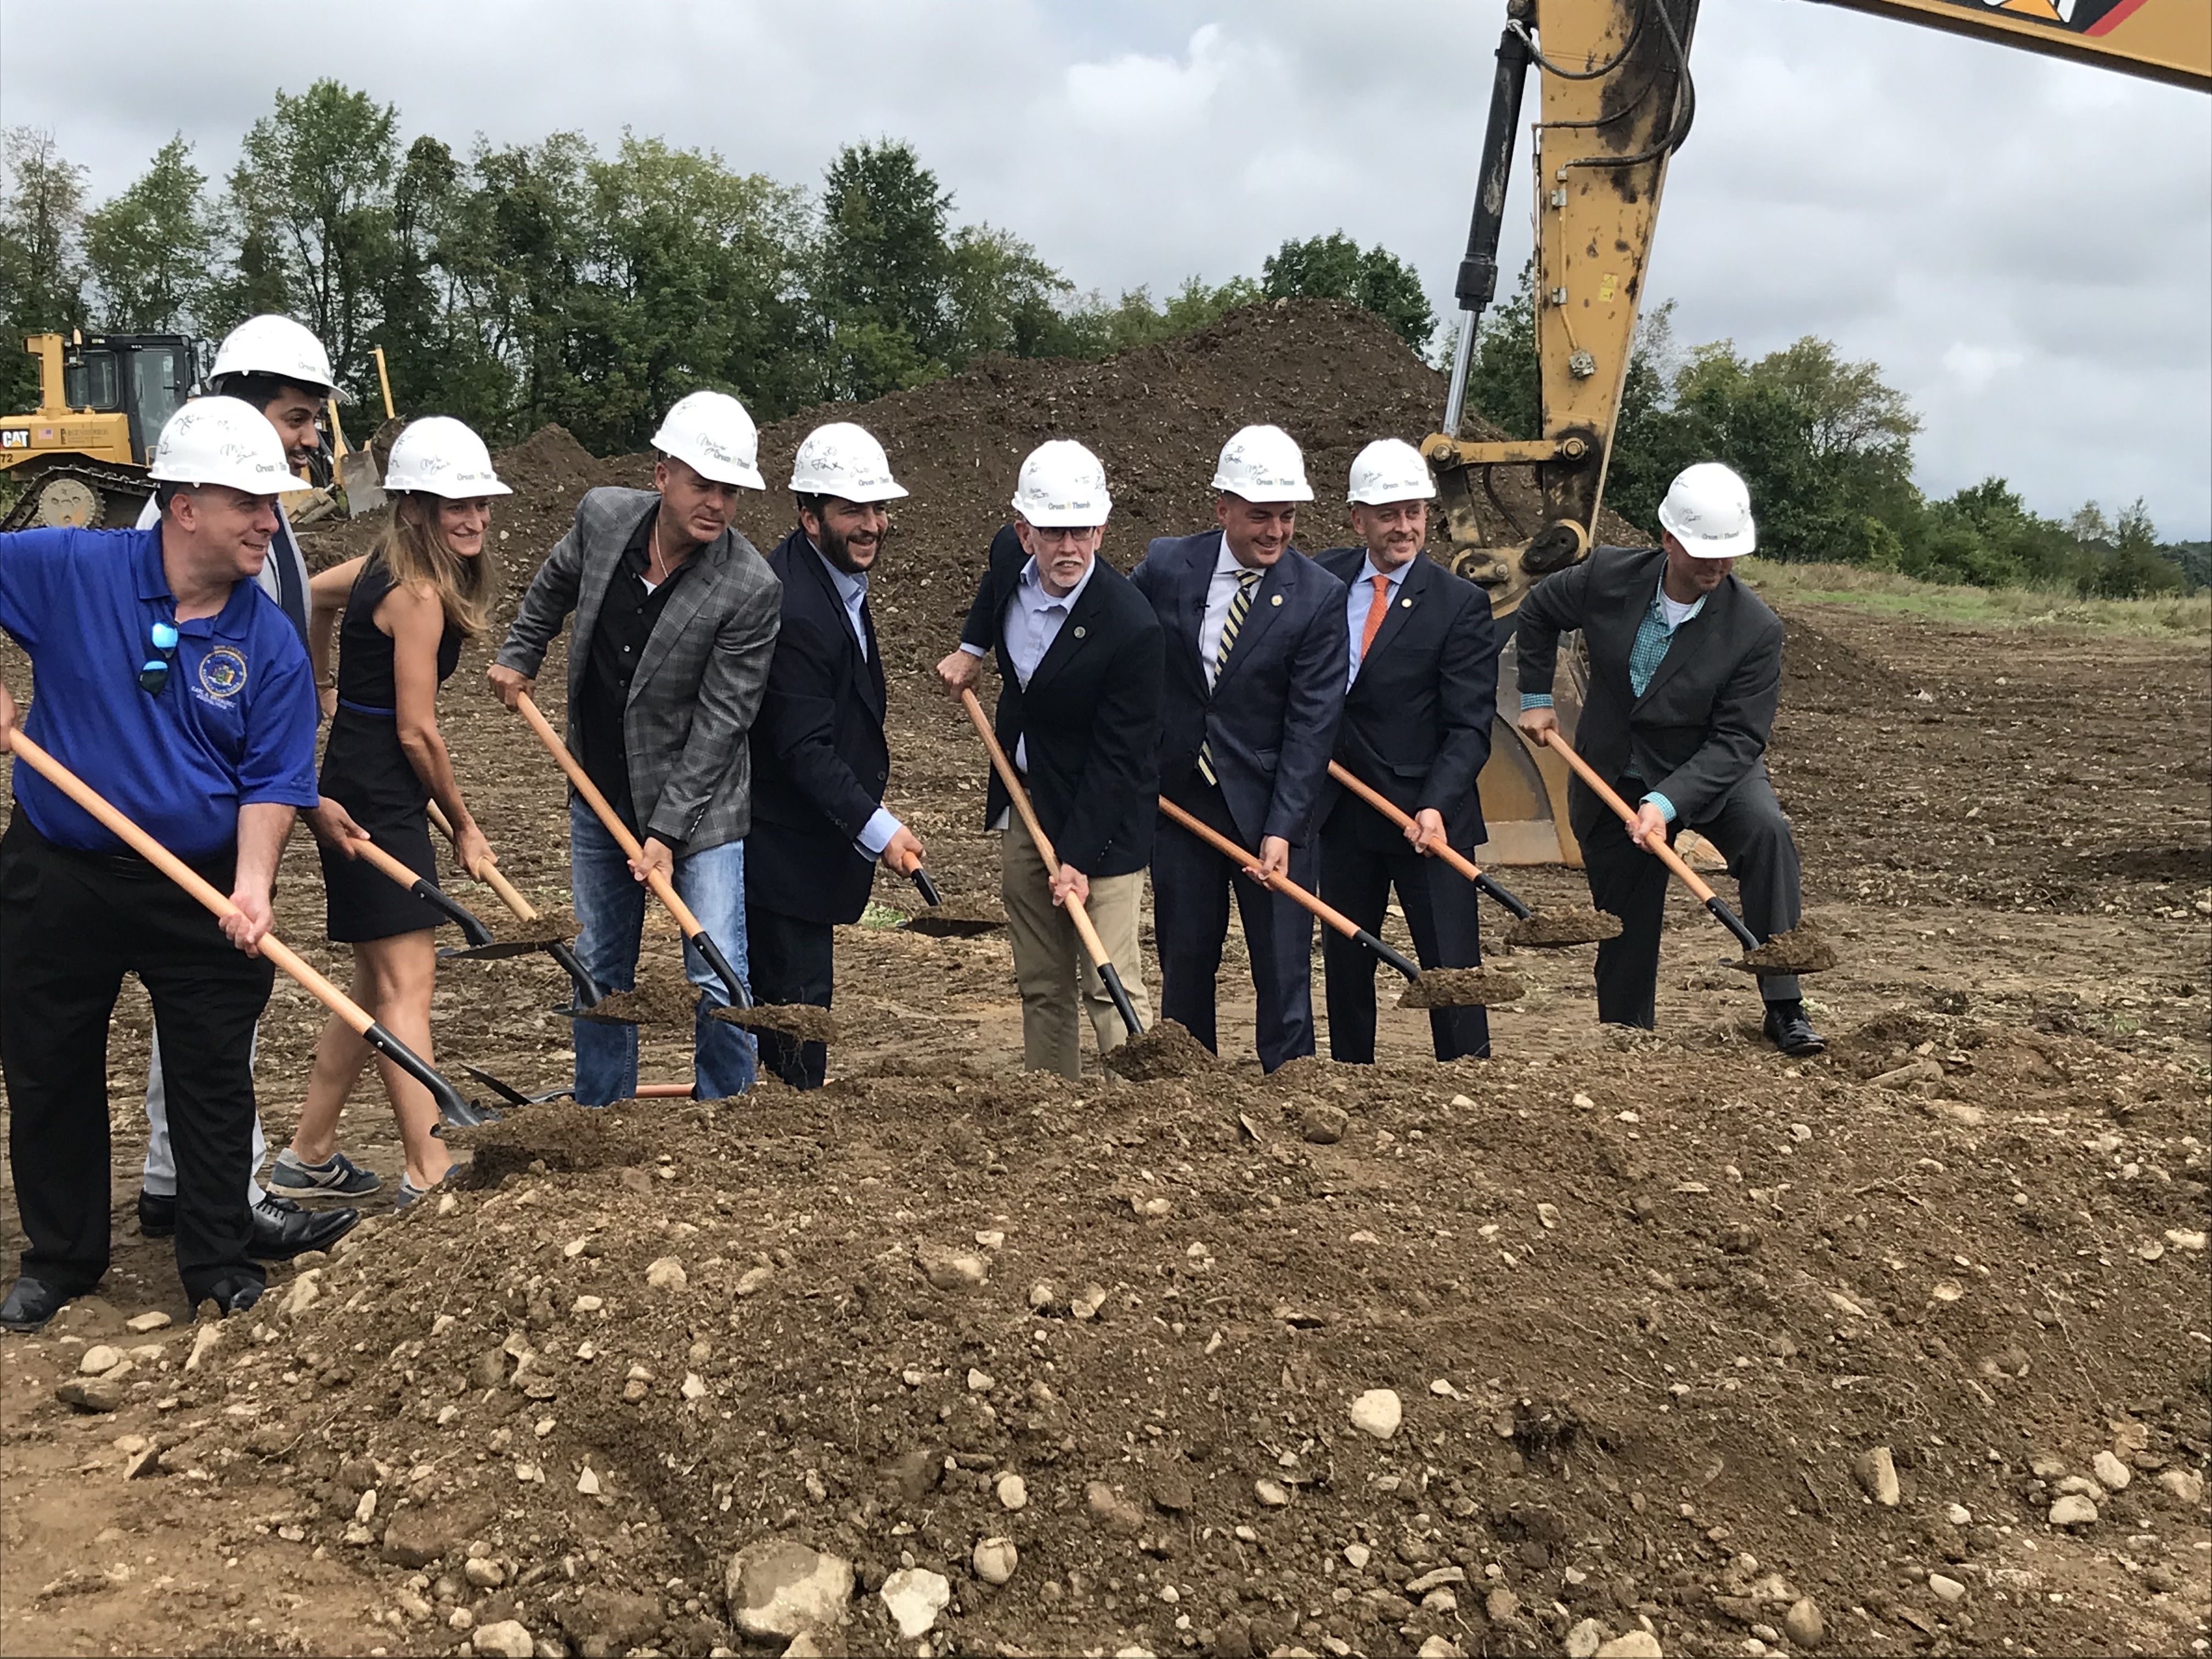 بن کولر ، مدیرعامل Green Tum (مرکز) ، در جریان یک برنامه عکس در رویداد نوآورانه این شرکت در وارویک ، نیویورک ، توسط مقامات منتخب و رهبران کار کنار آمد.